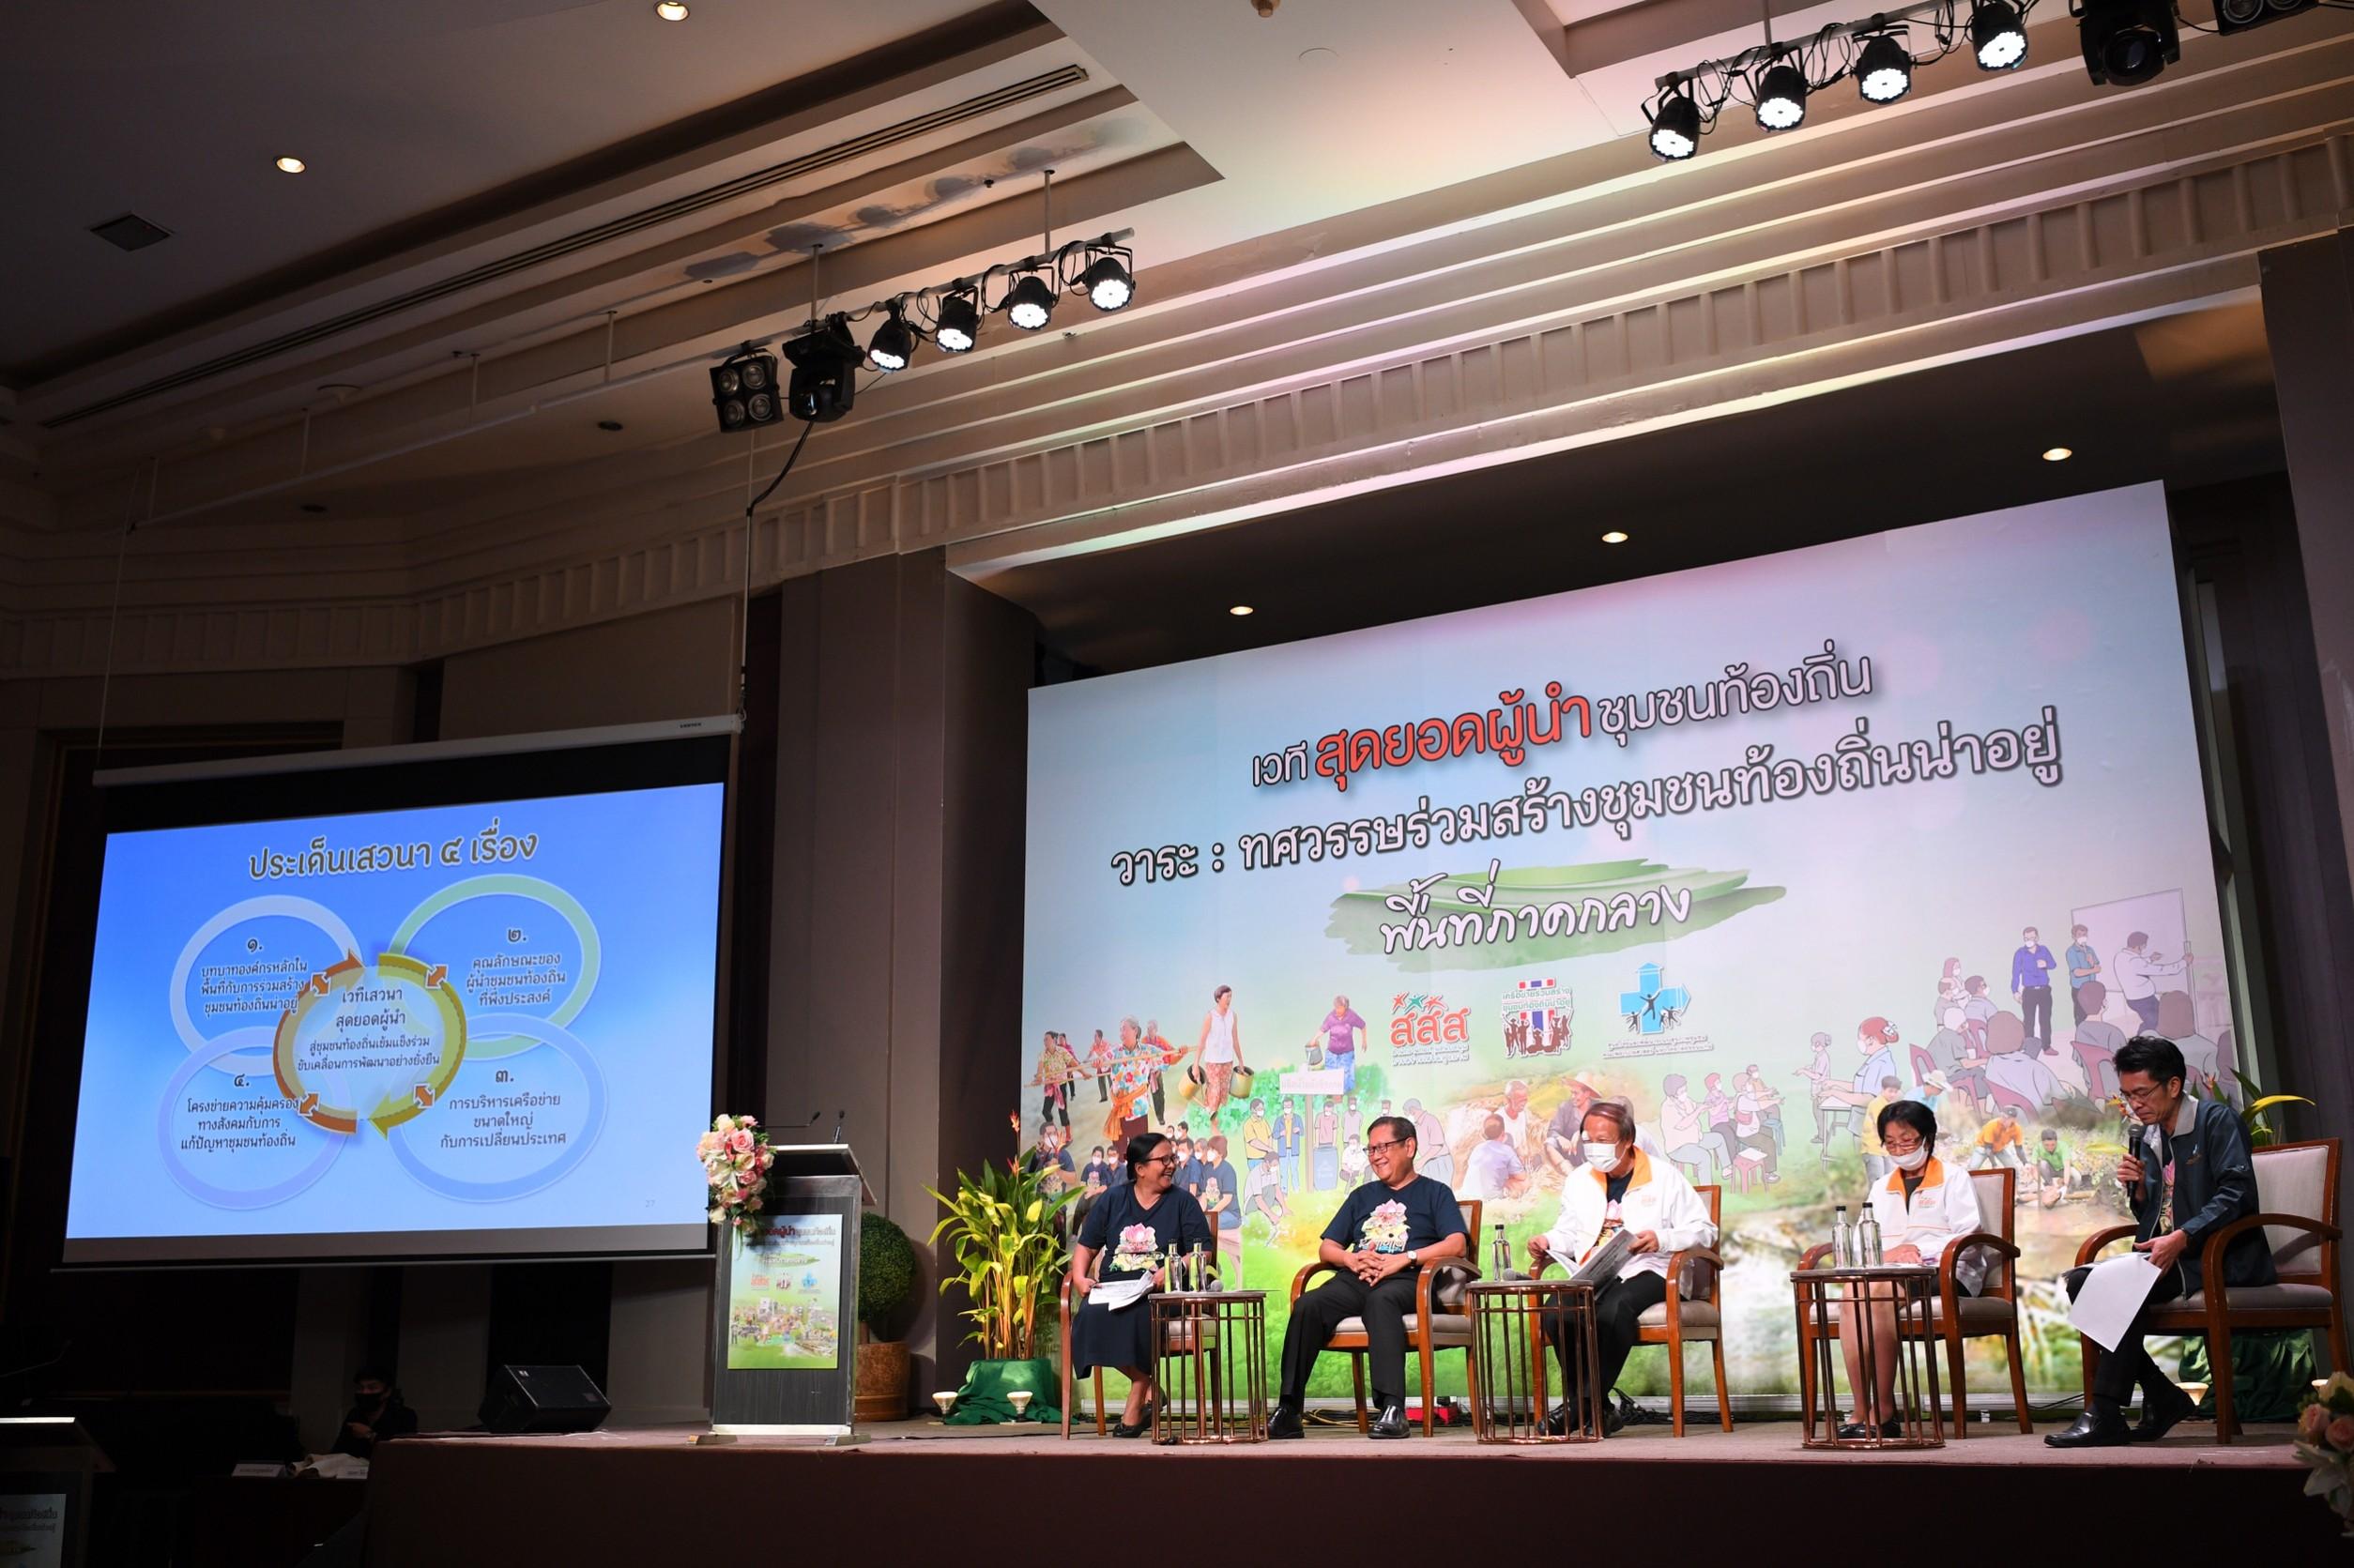 สร้างชุมชนท้องถิ่นน่าอยู่ พื้นที่ภาคกลาง thaihealth